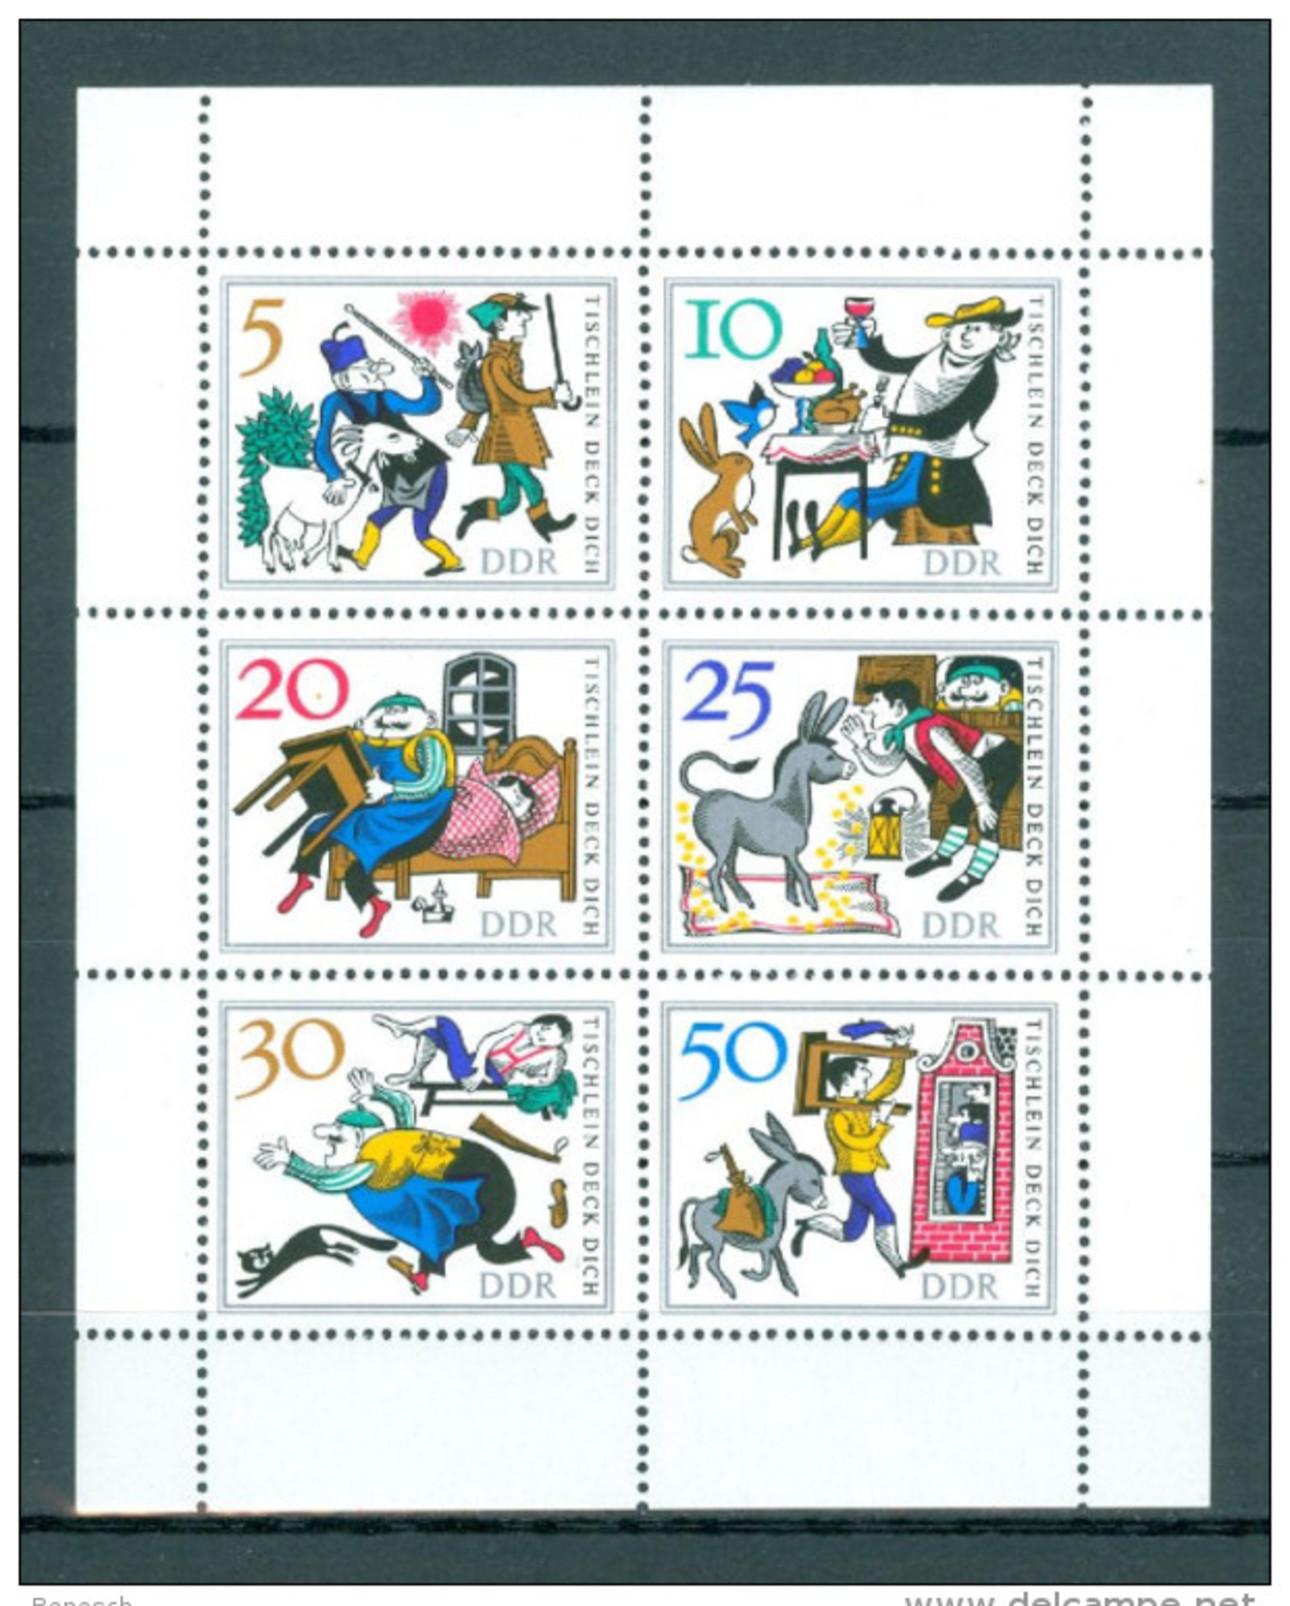 DDR Kleinbogen Mi-Nr. 1236 - 1241 Märchen Tischlein Deck Dich Postfrisch - [6] République Démocratique